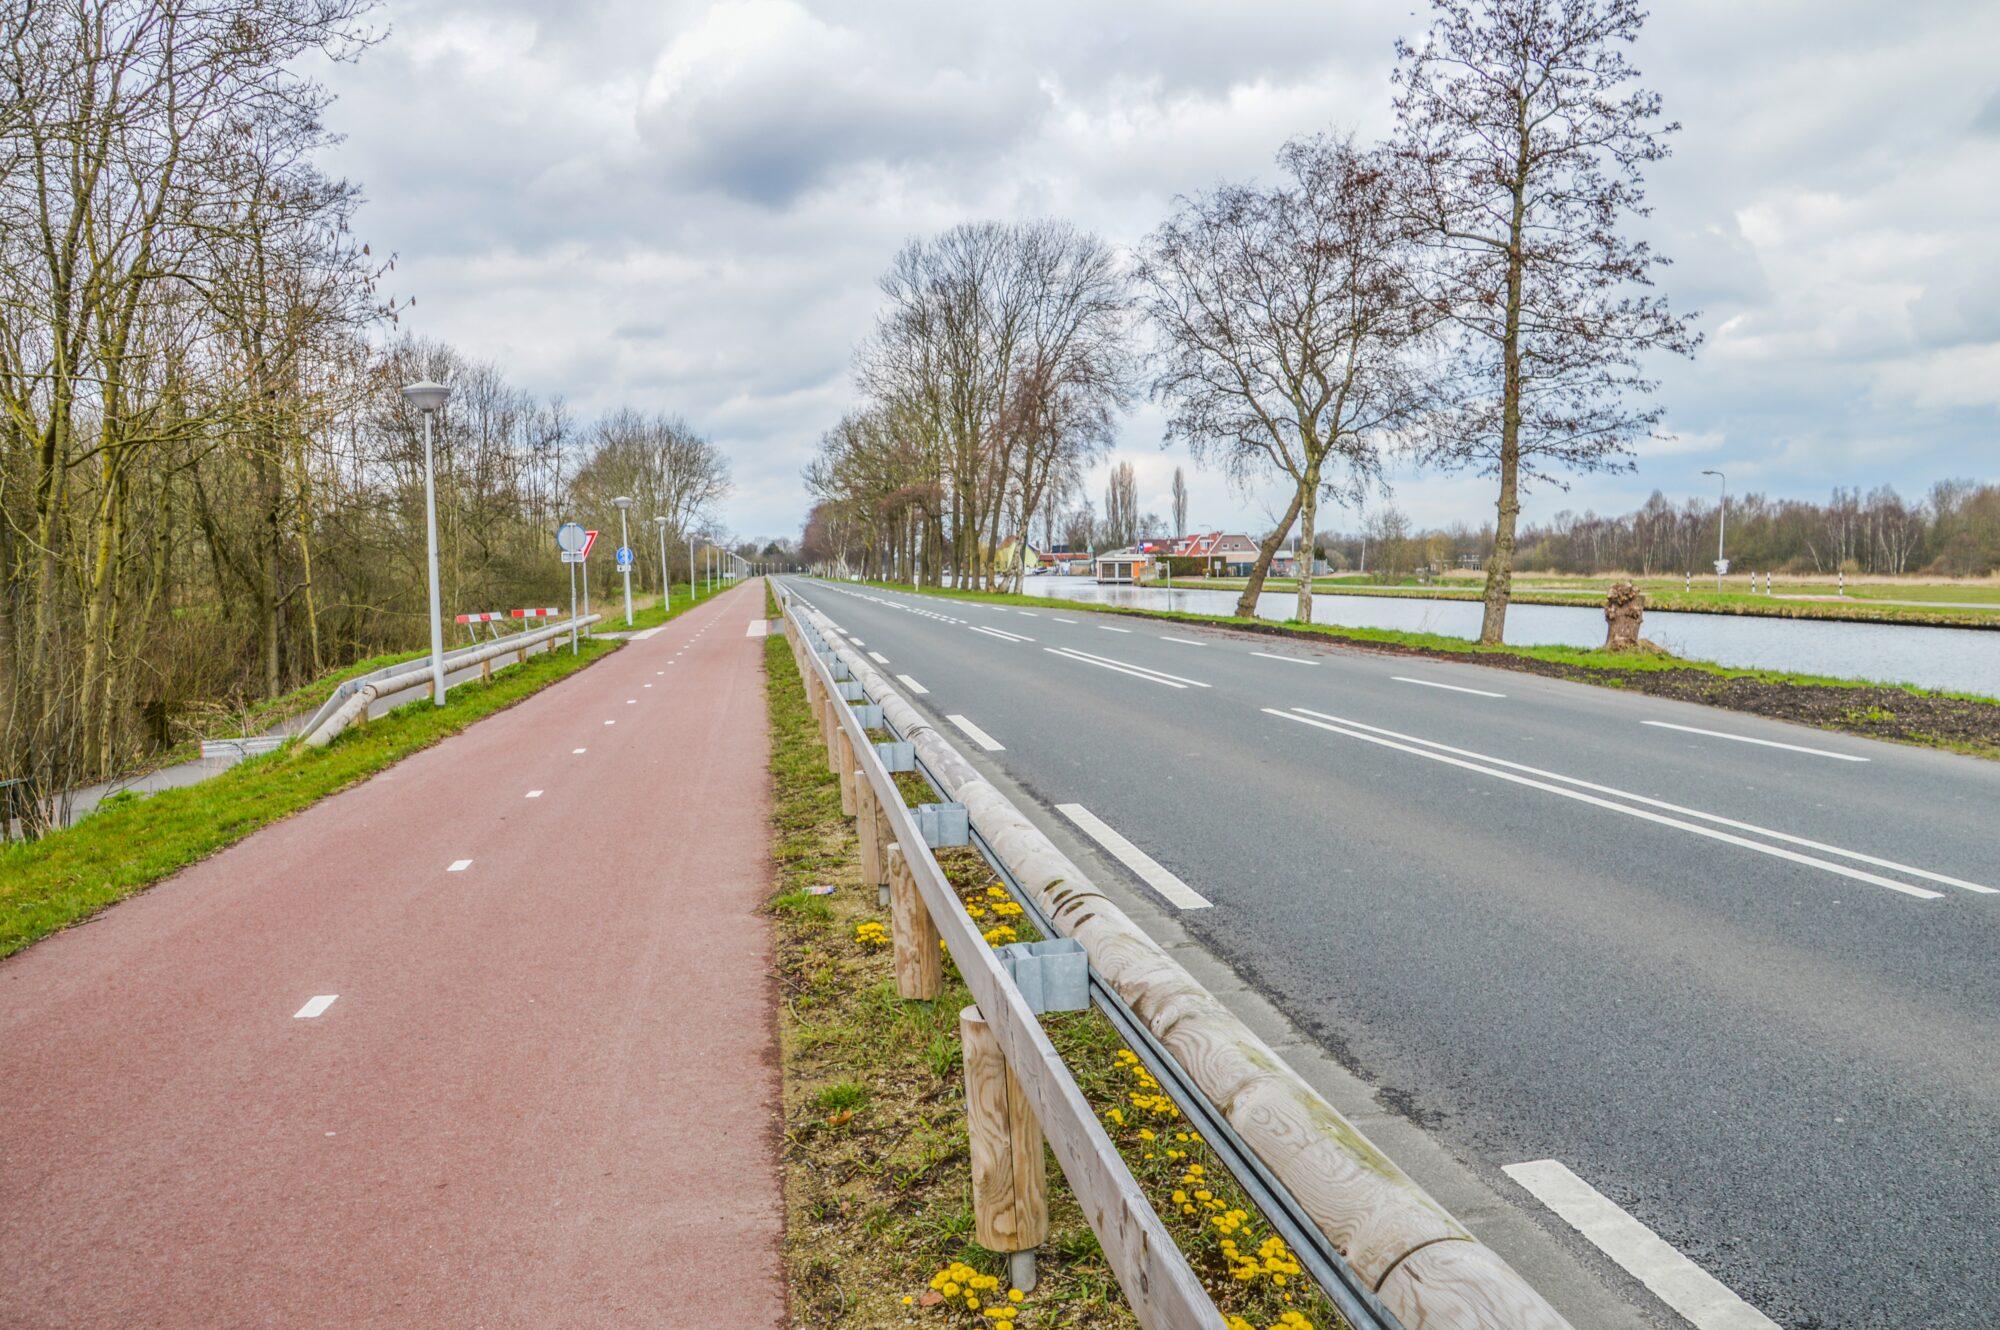 Gedeputeerde Staten scherpt maatwerkaanpak bomen langs provinciale wegen verder aan